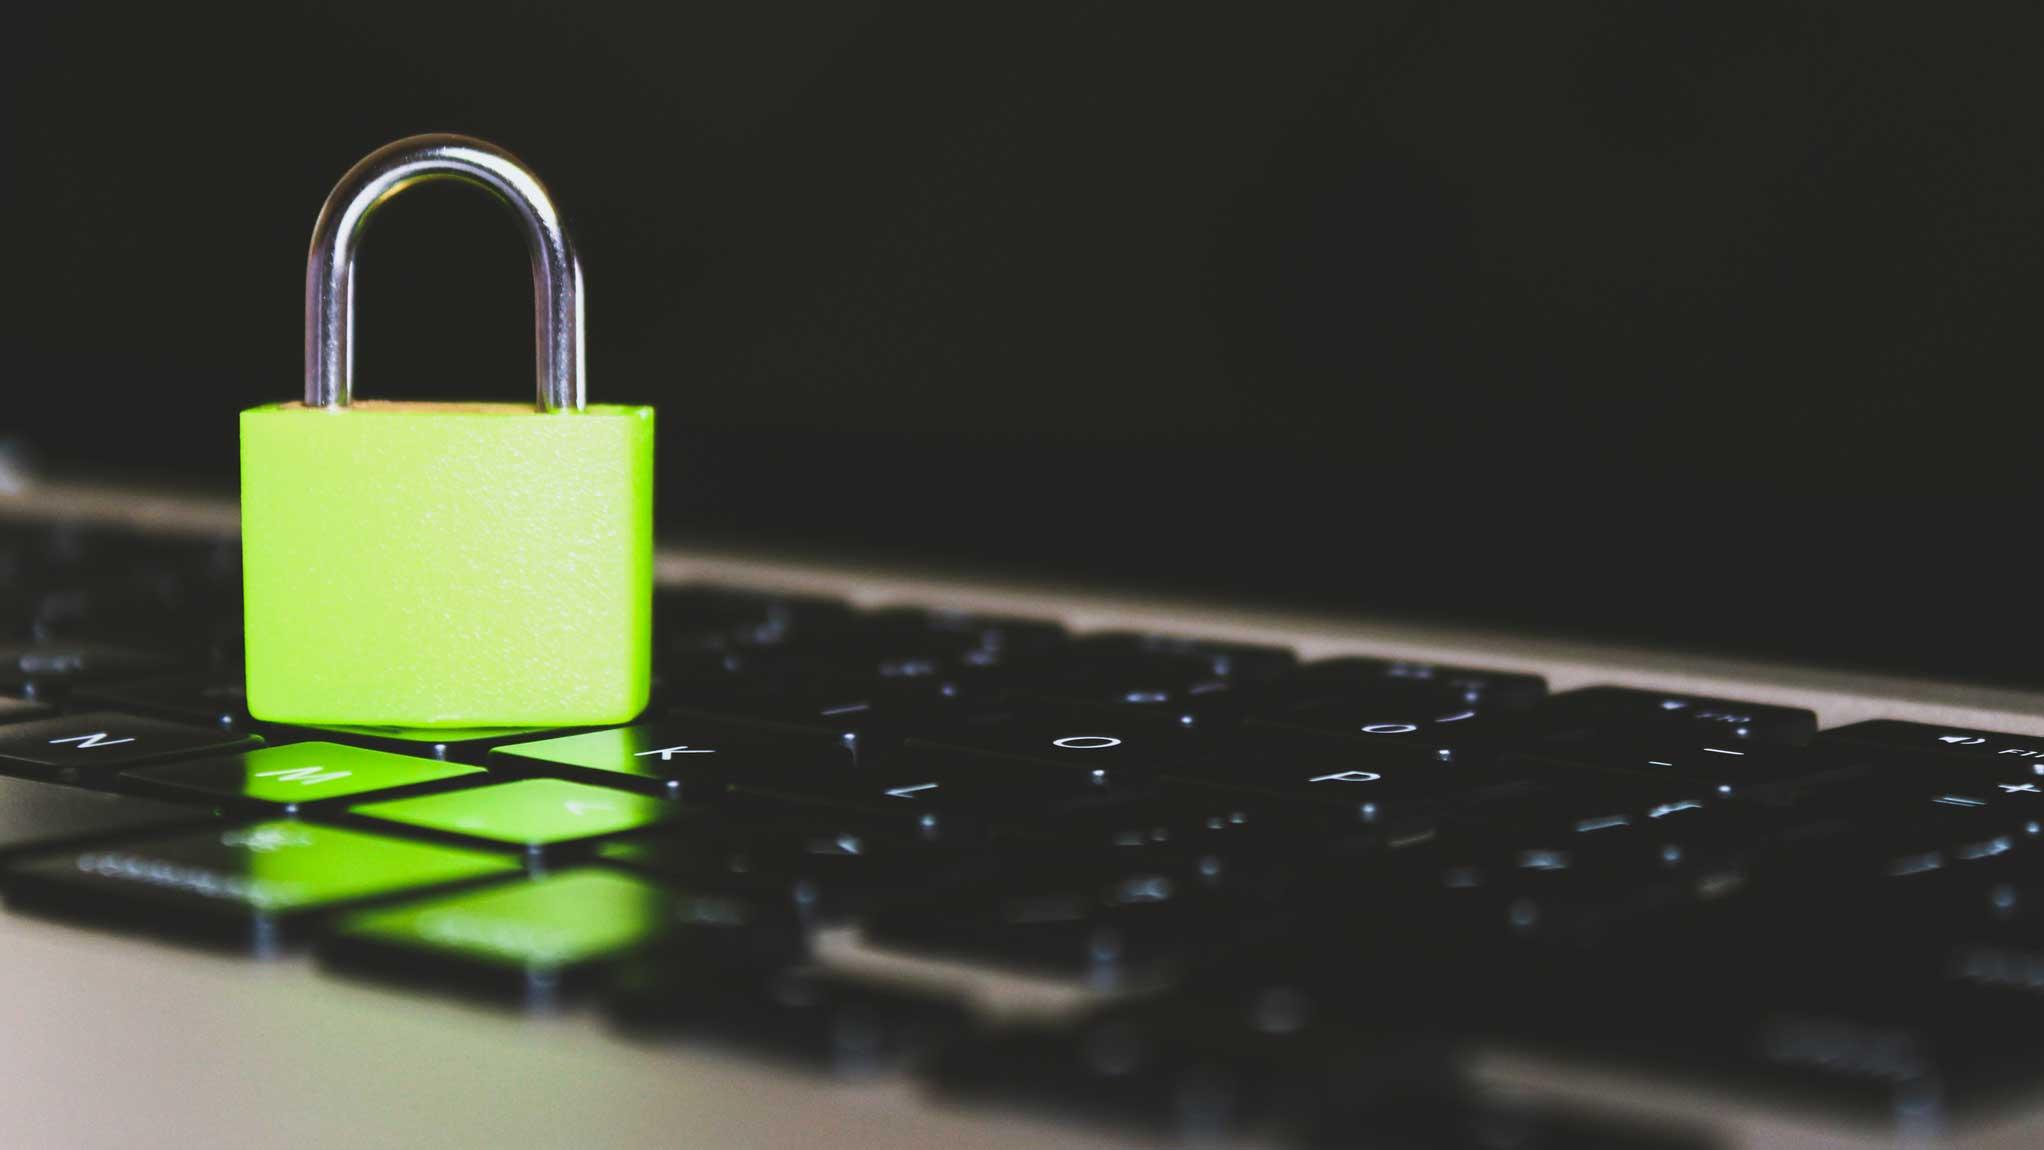 Pandemia a creat un mediu ideal pentru atacurile cibernetice; Află cum te poți proteja, la Cybersecurity ONLINE FORUM by Financial Intelligence!